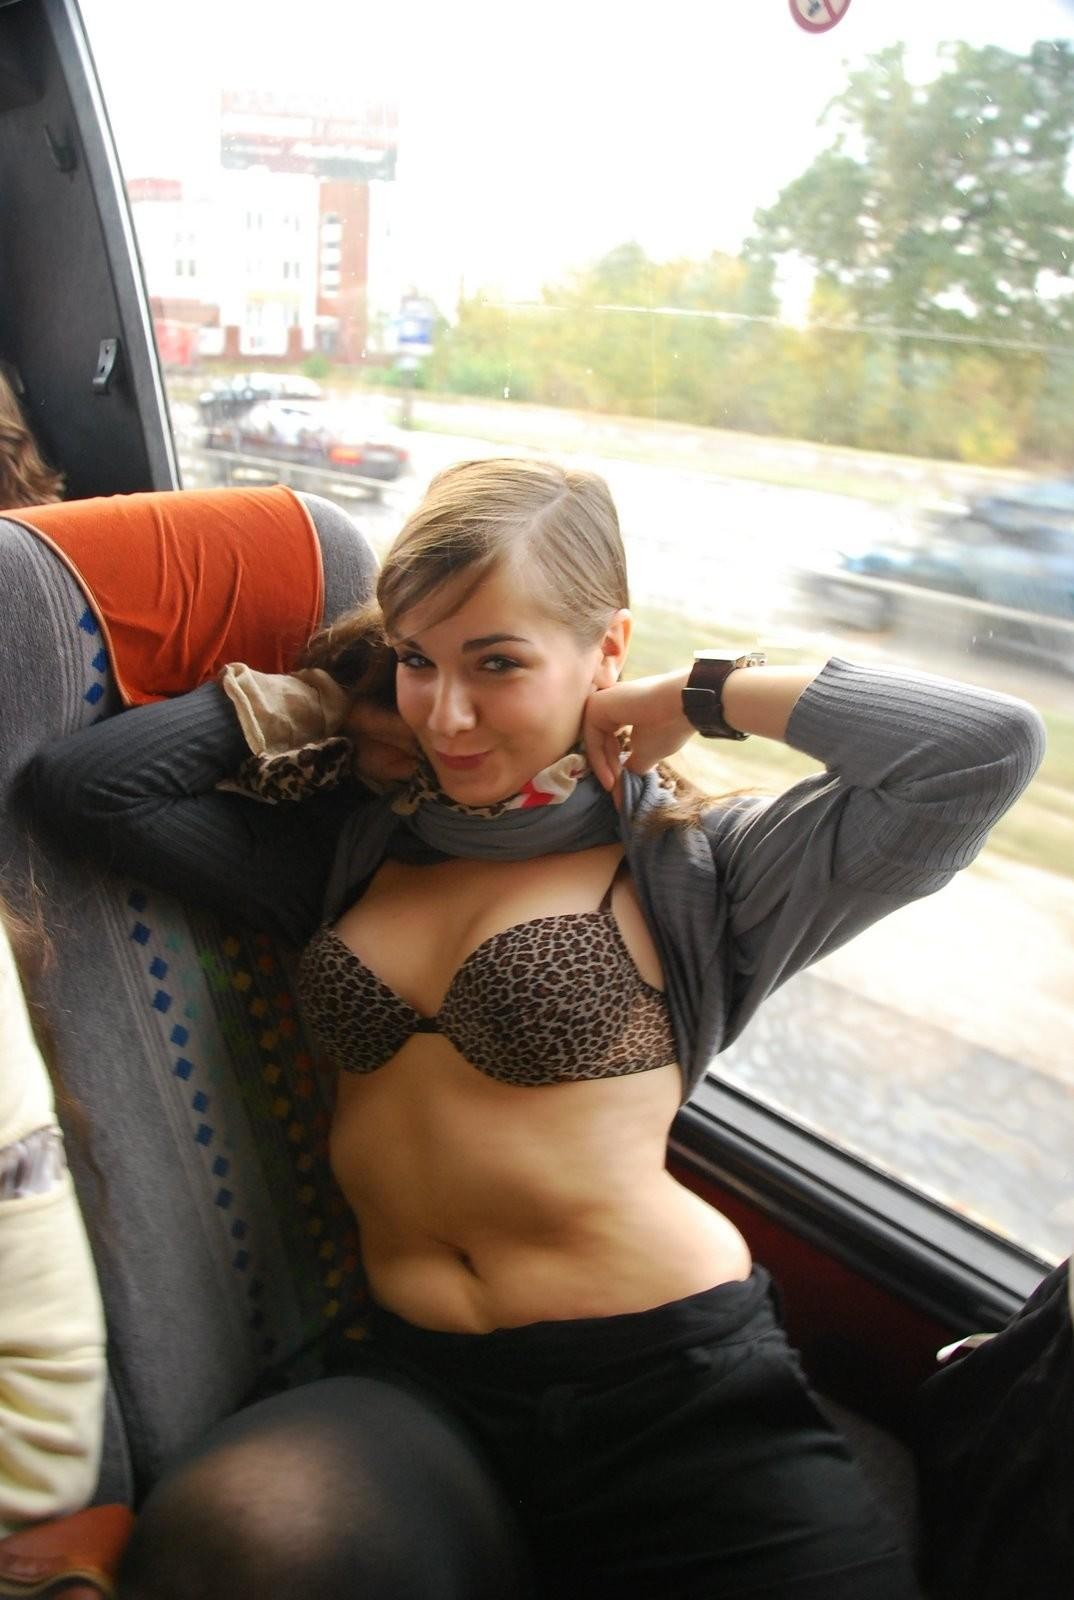 ロシアのスクールバス、ま~ん臭充満しててワロタwwwwwwwwwwwwwwwwwwwww(画像あり)・4枚目